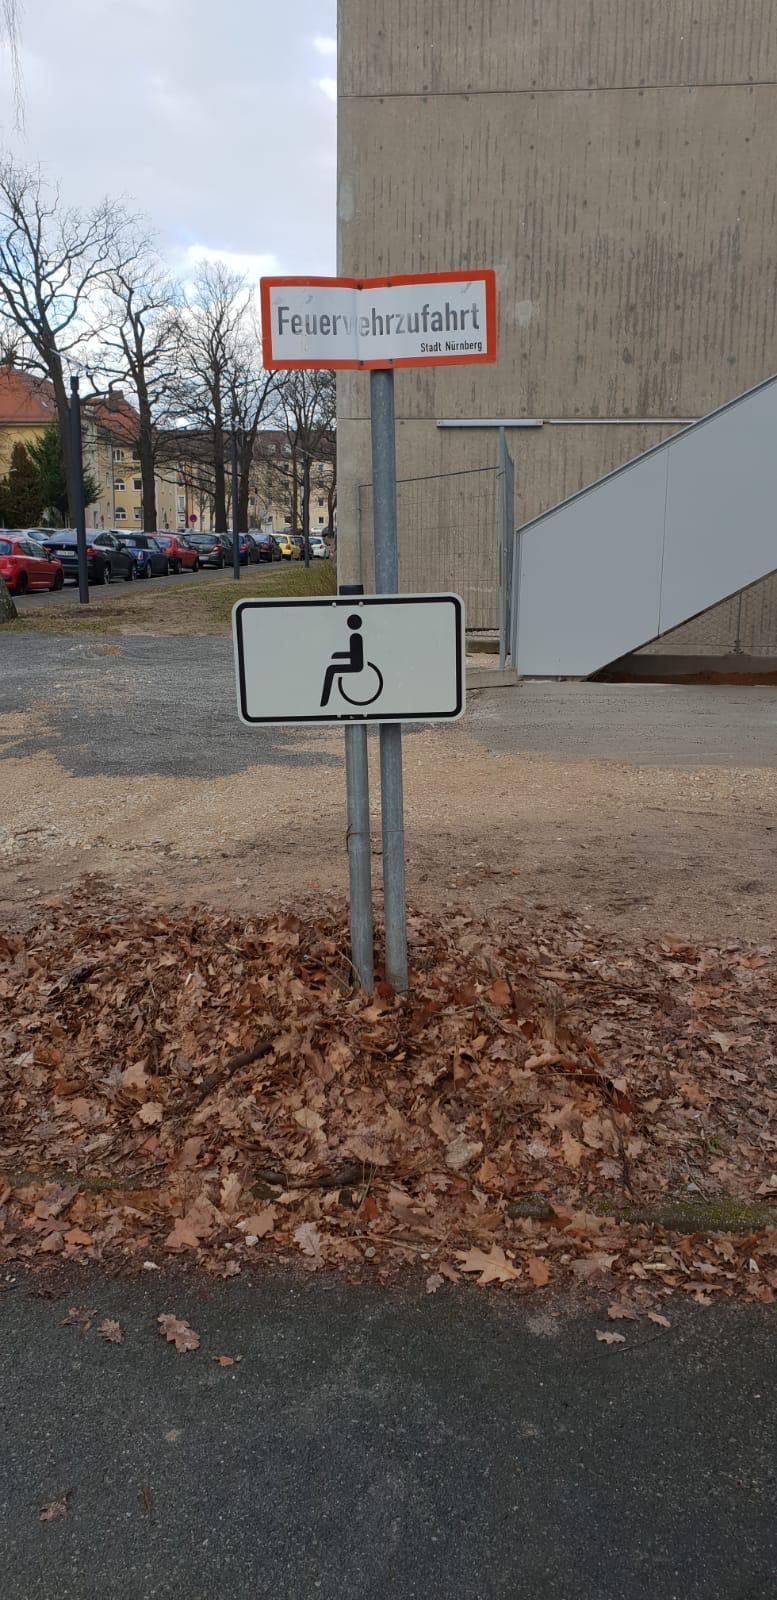 Behindertenparkplatz in Feuerwehrzufahrt